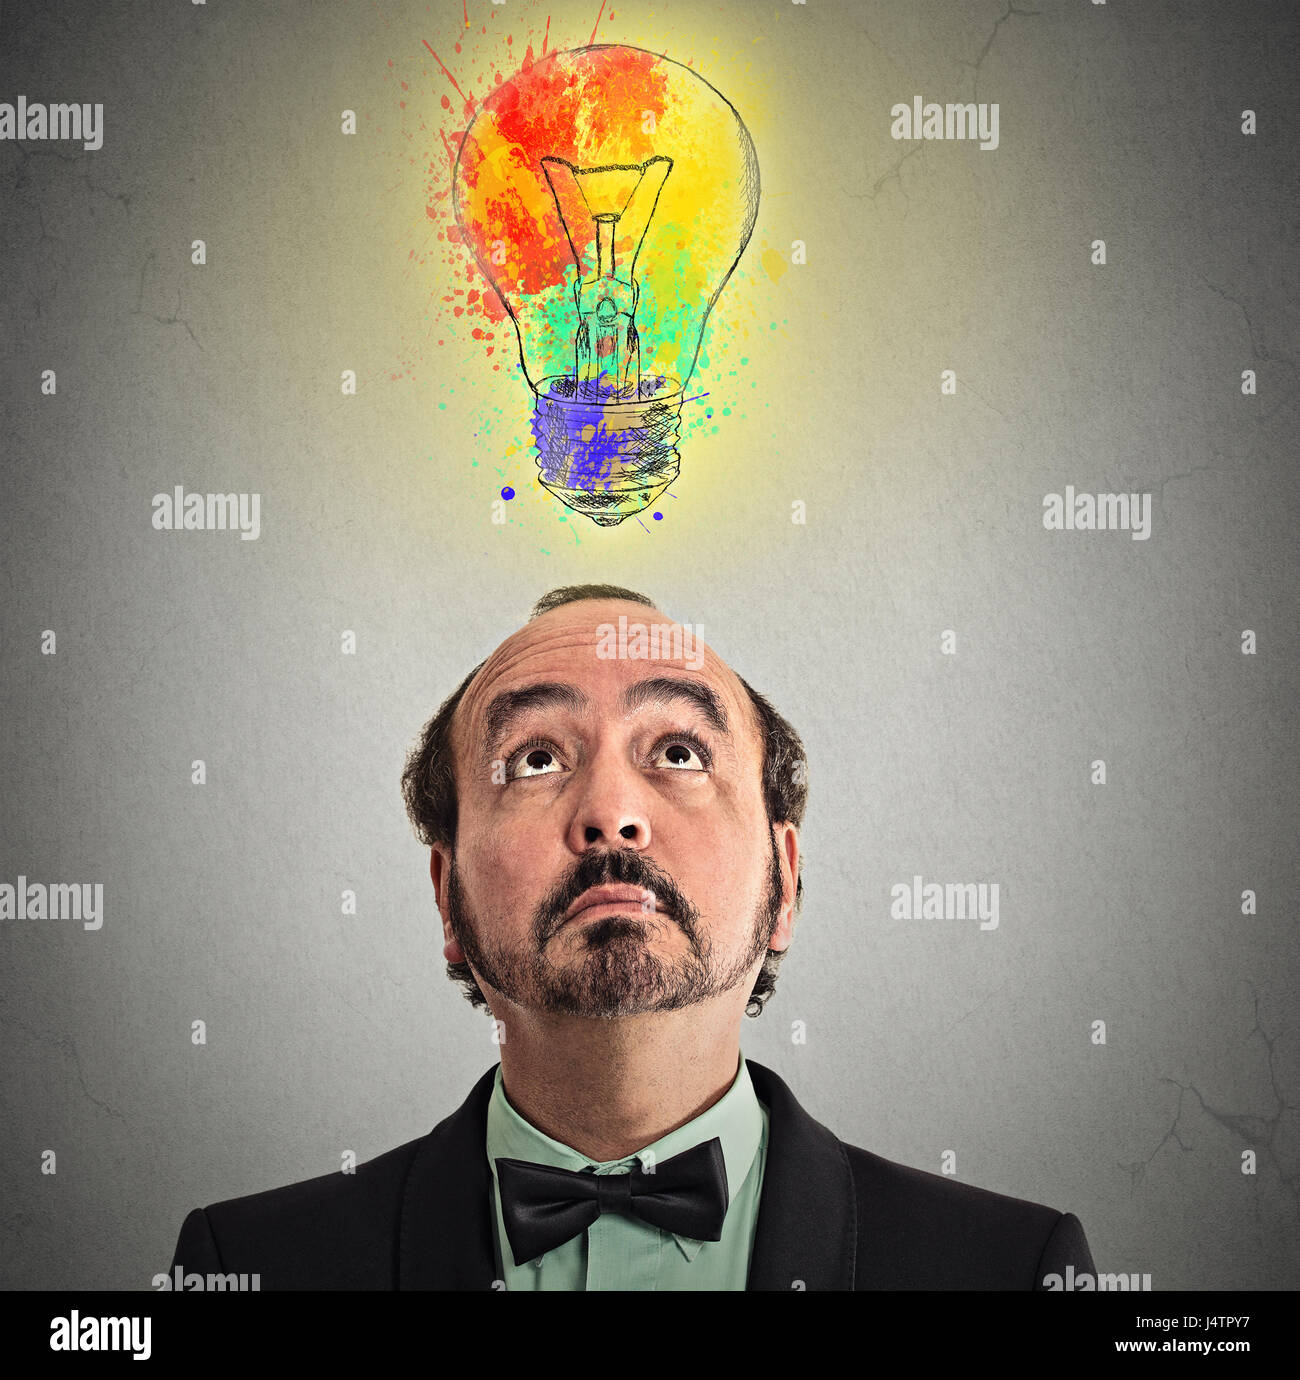 Konzept der kreativen Geschäftsidee mit bunten Glühbirne. Mittleren Alter Geschäftsmann Porträt Stockbild